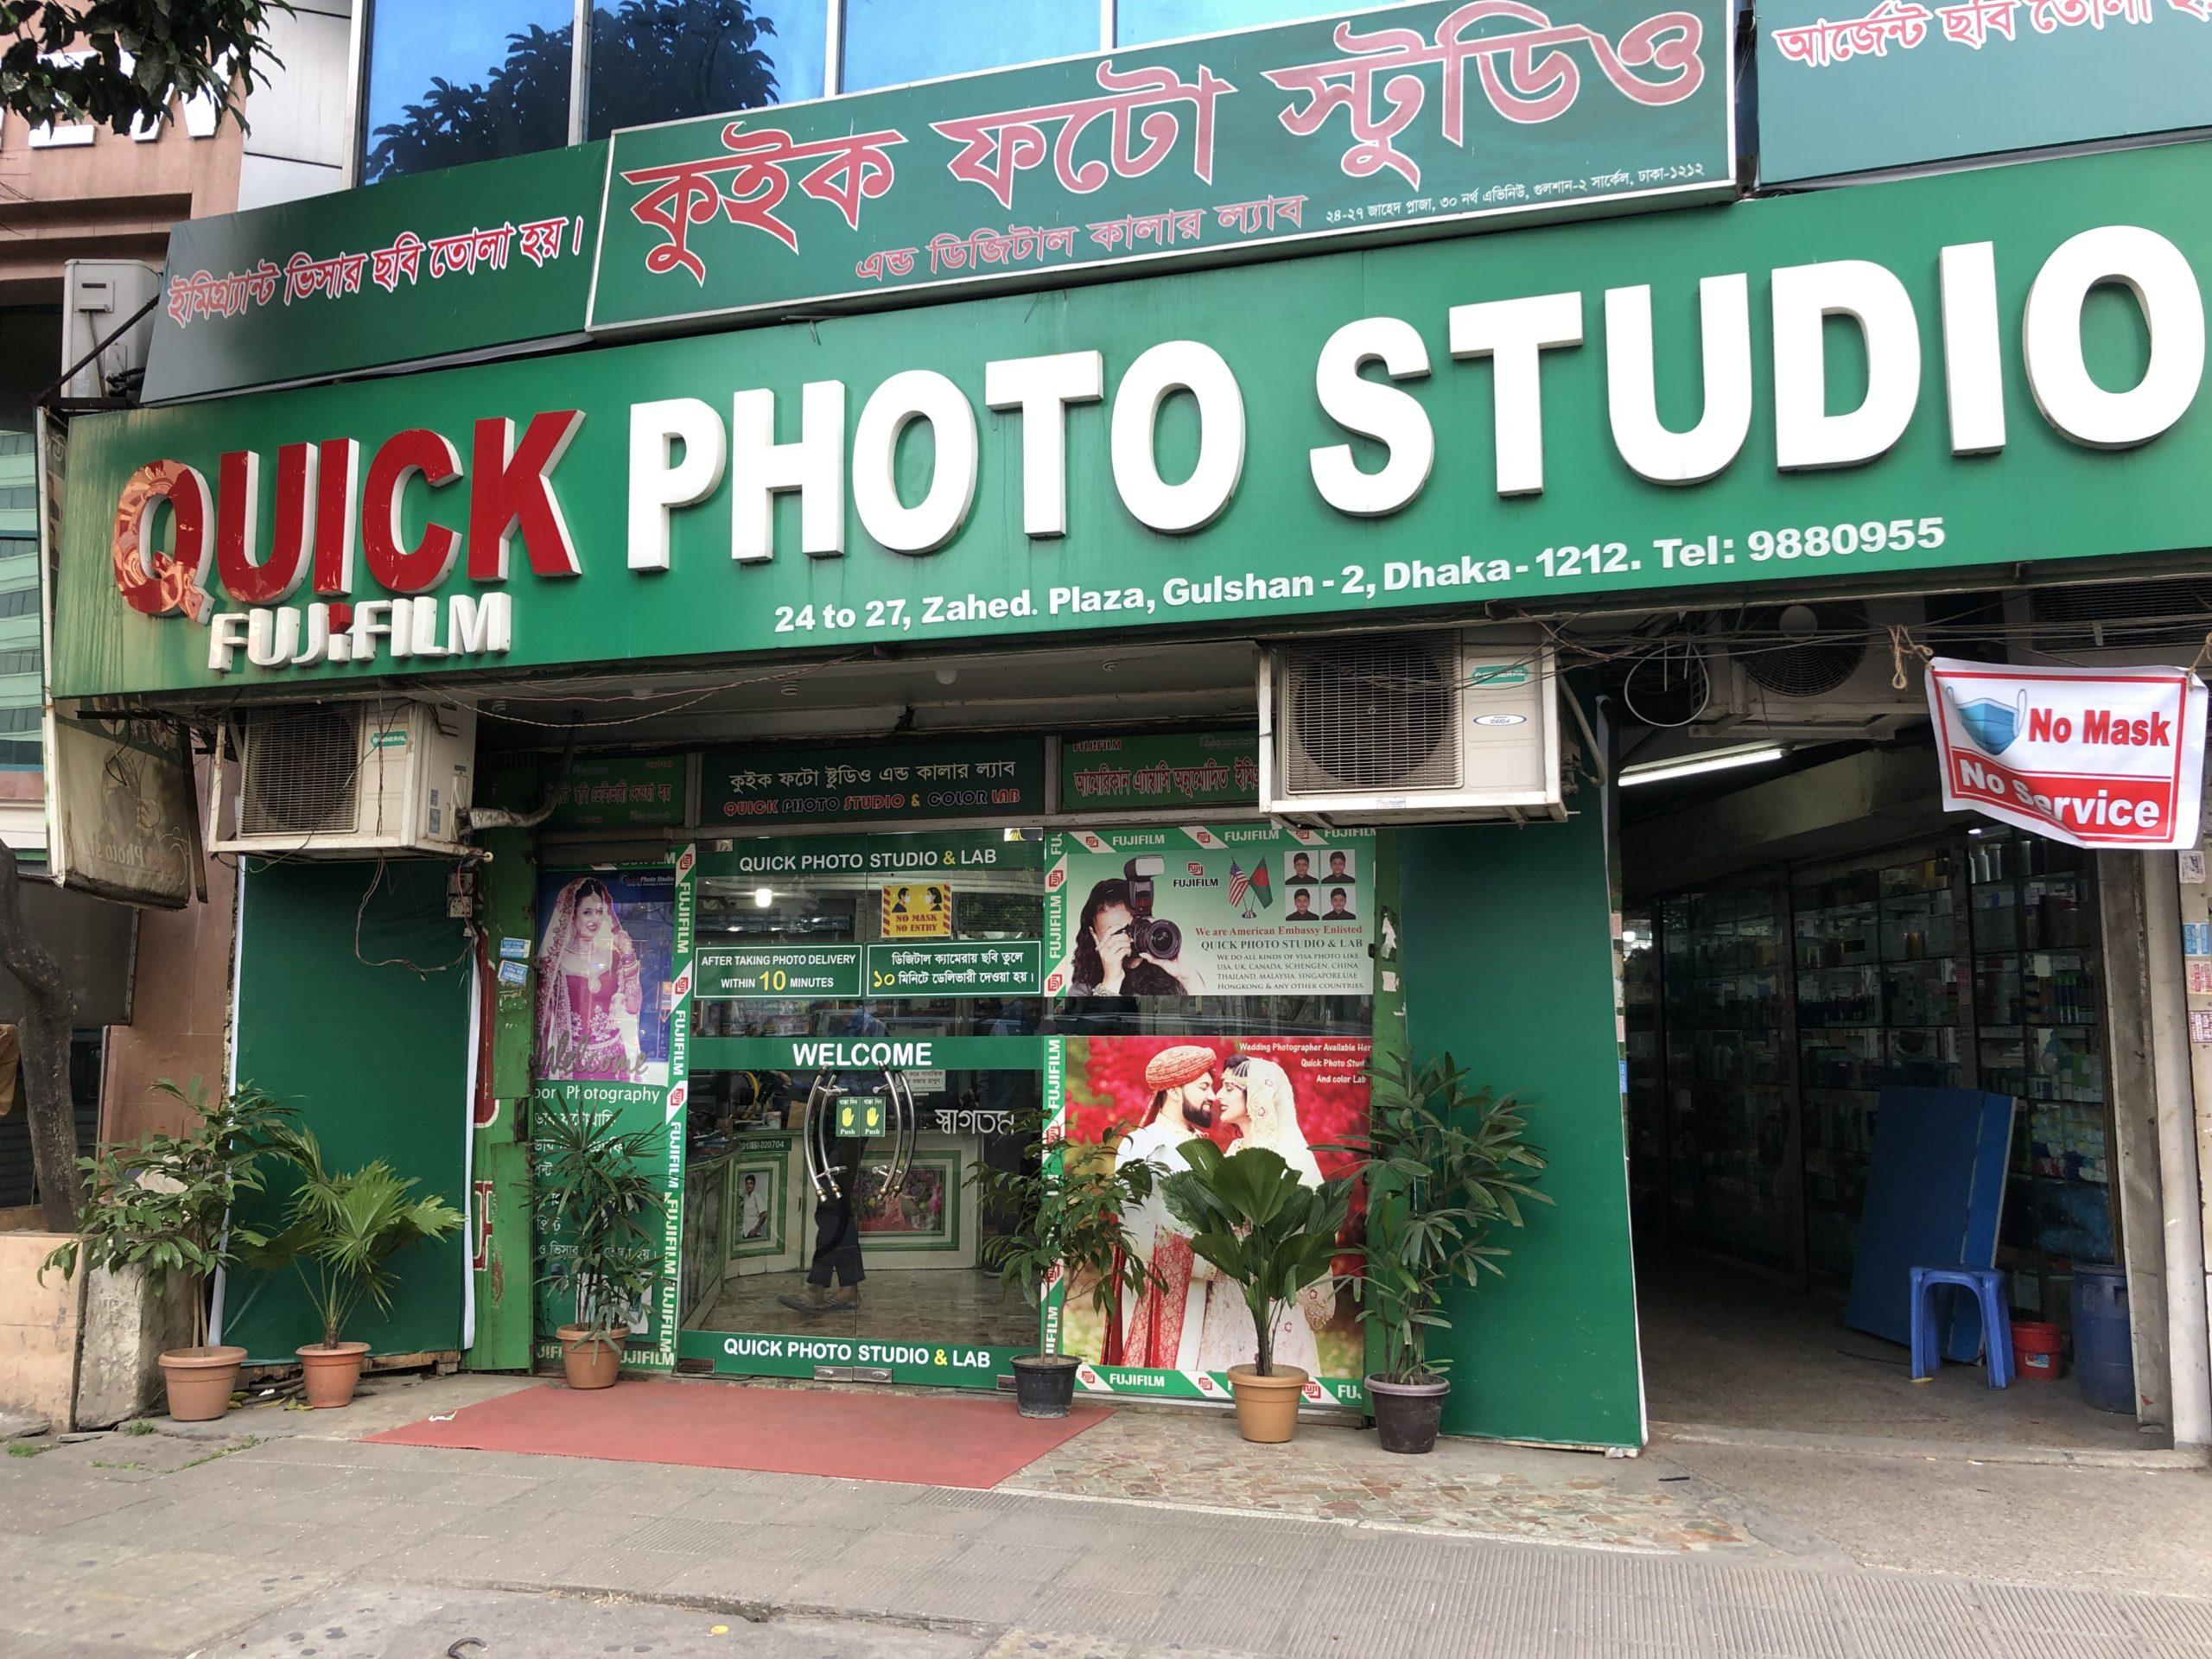 「写真の現像の速さはピカイチ」QUICK PHOTO STUDIO@ダッカ市グルシャン2